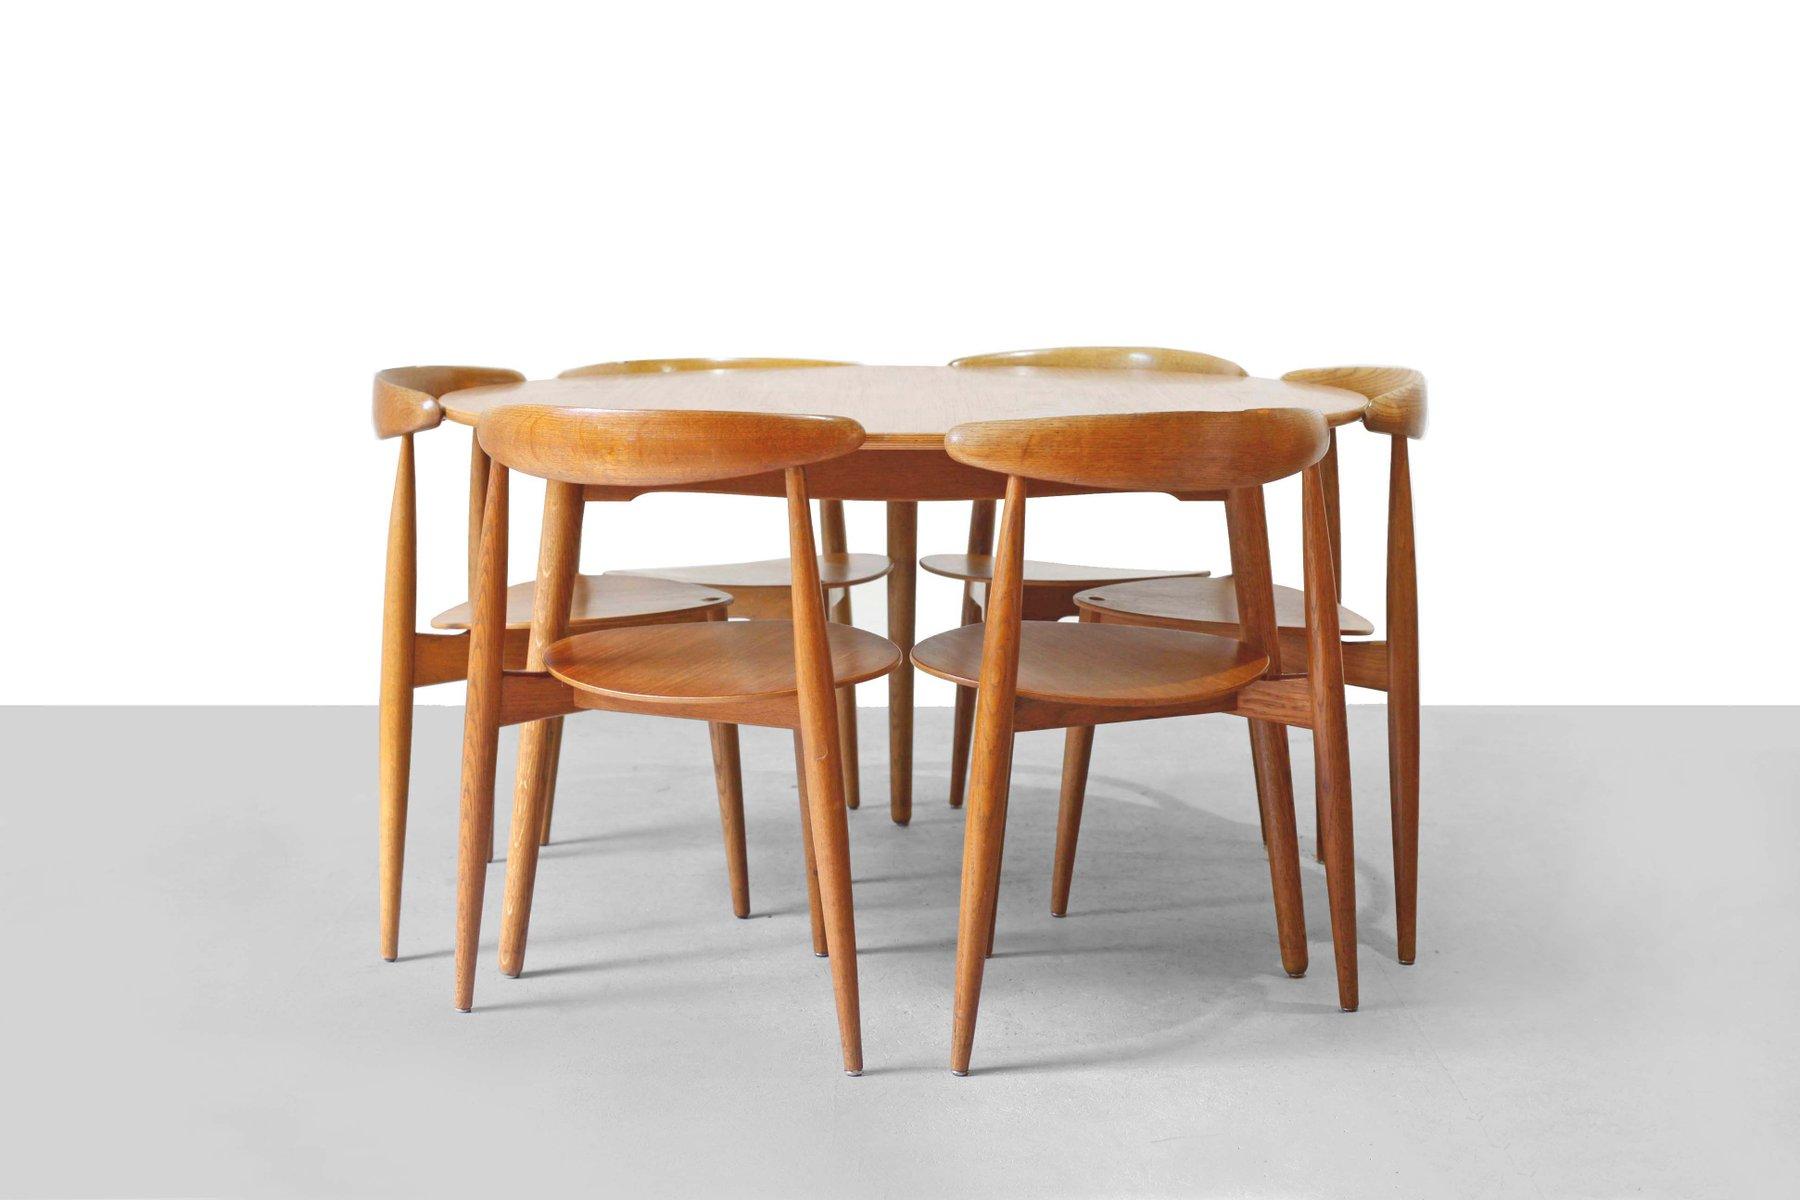 teak esszimmer set von hans wegner f r fritz hansen 1952 bei pamono kaufen. Black Bedroom Furniture Sets. Home Design Ideas